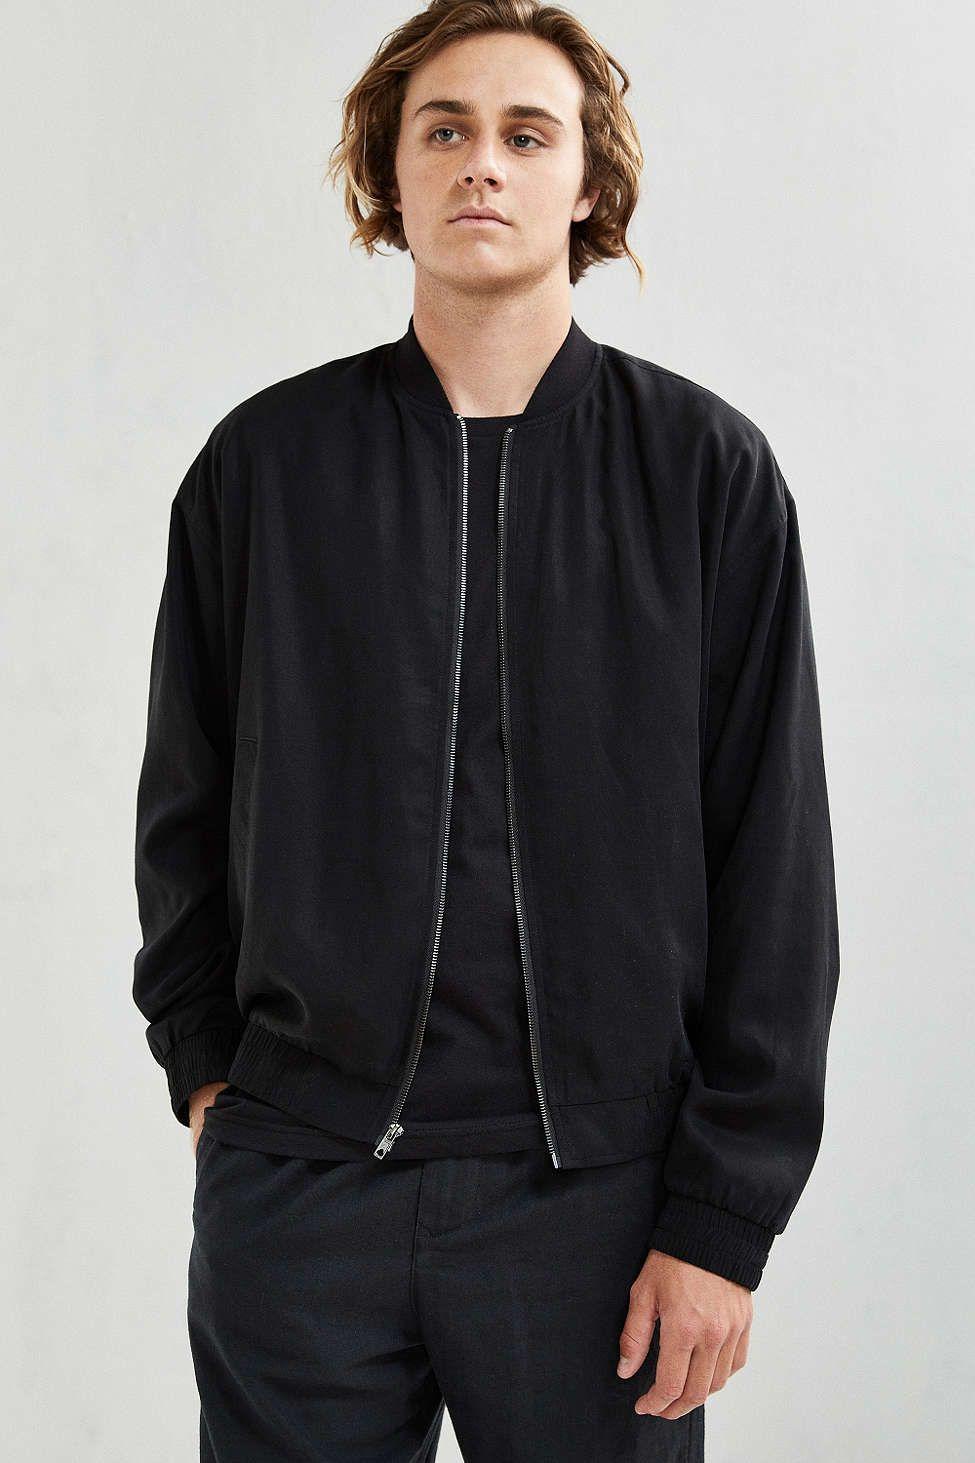 406c5cc57 UO Oversized Bomber Jacket | #UOMens | Bomber jacket, Jackets, Black ...